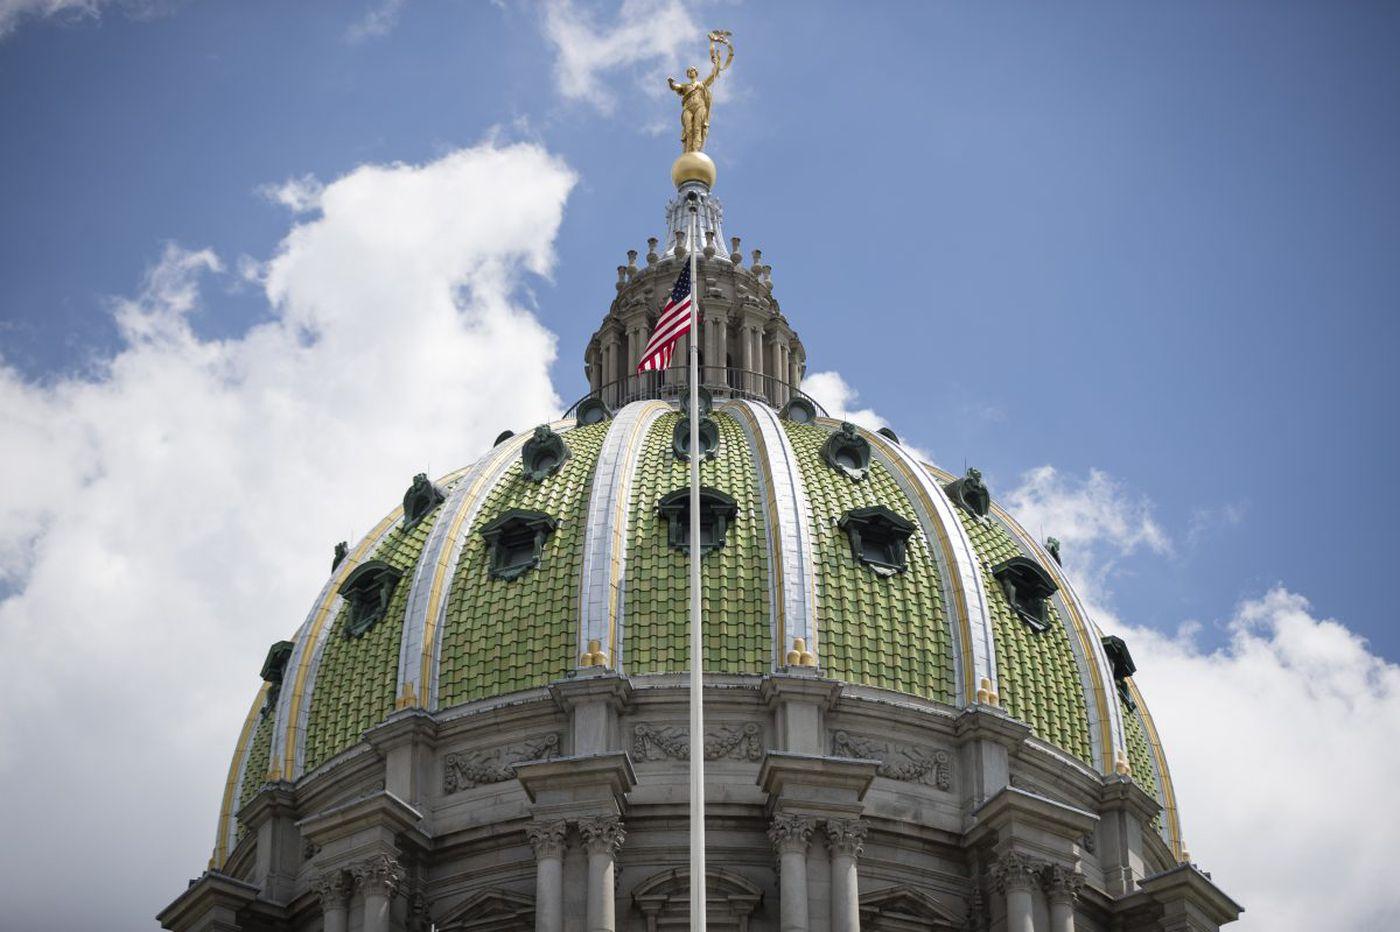 Soda tax splashed at Capitol